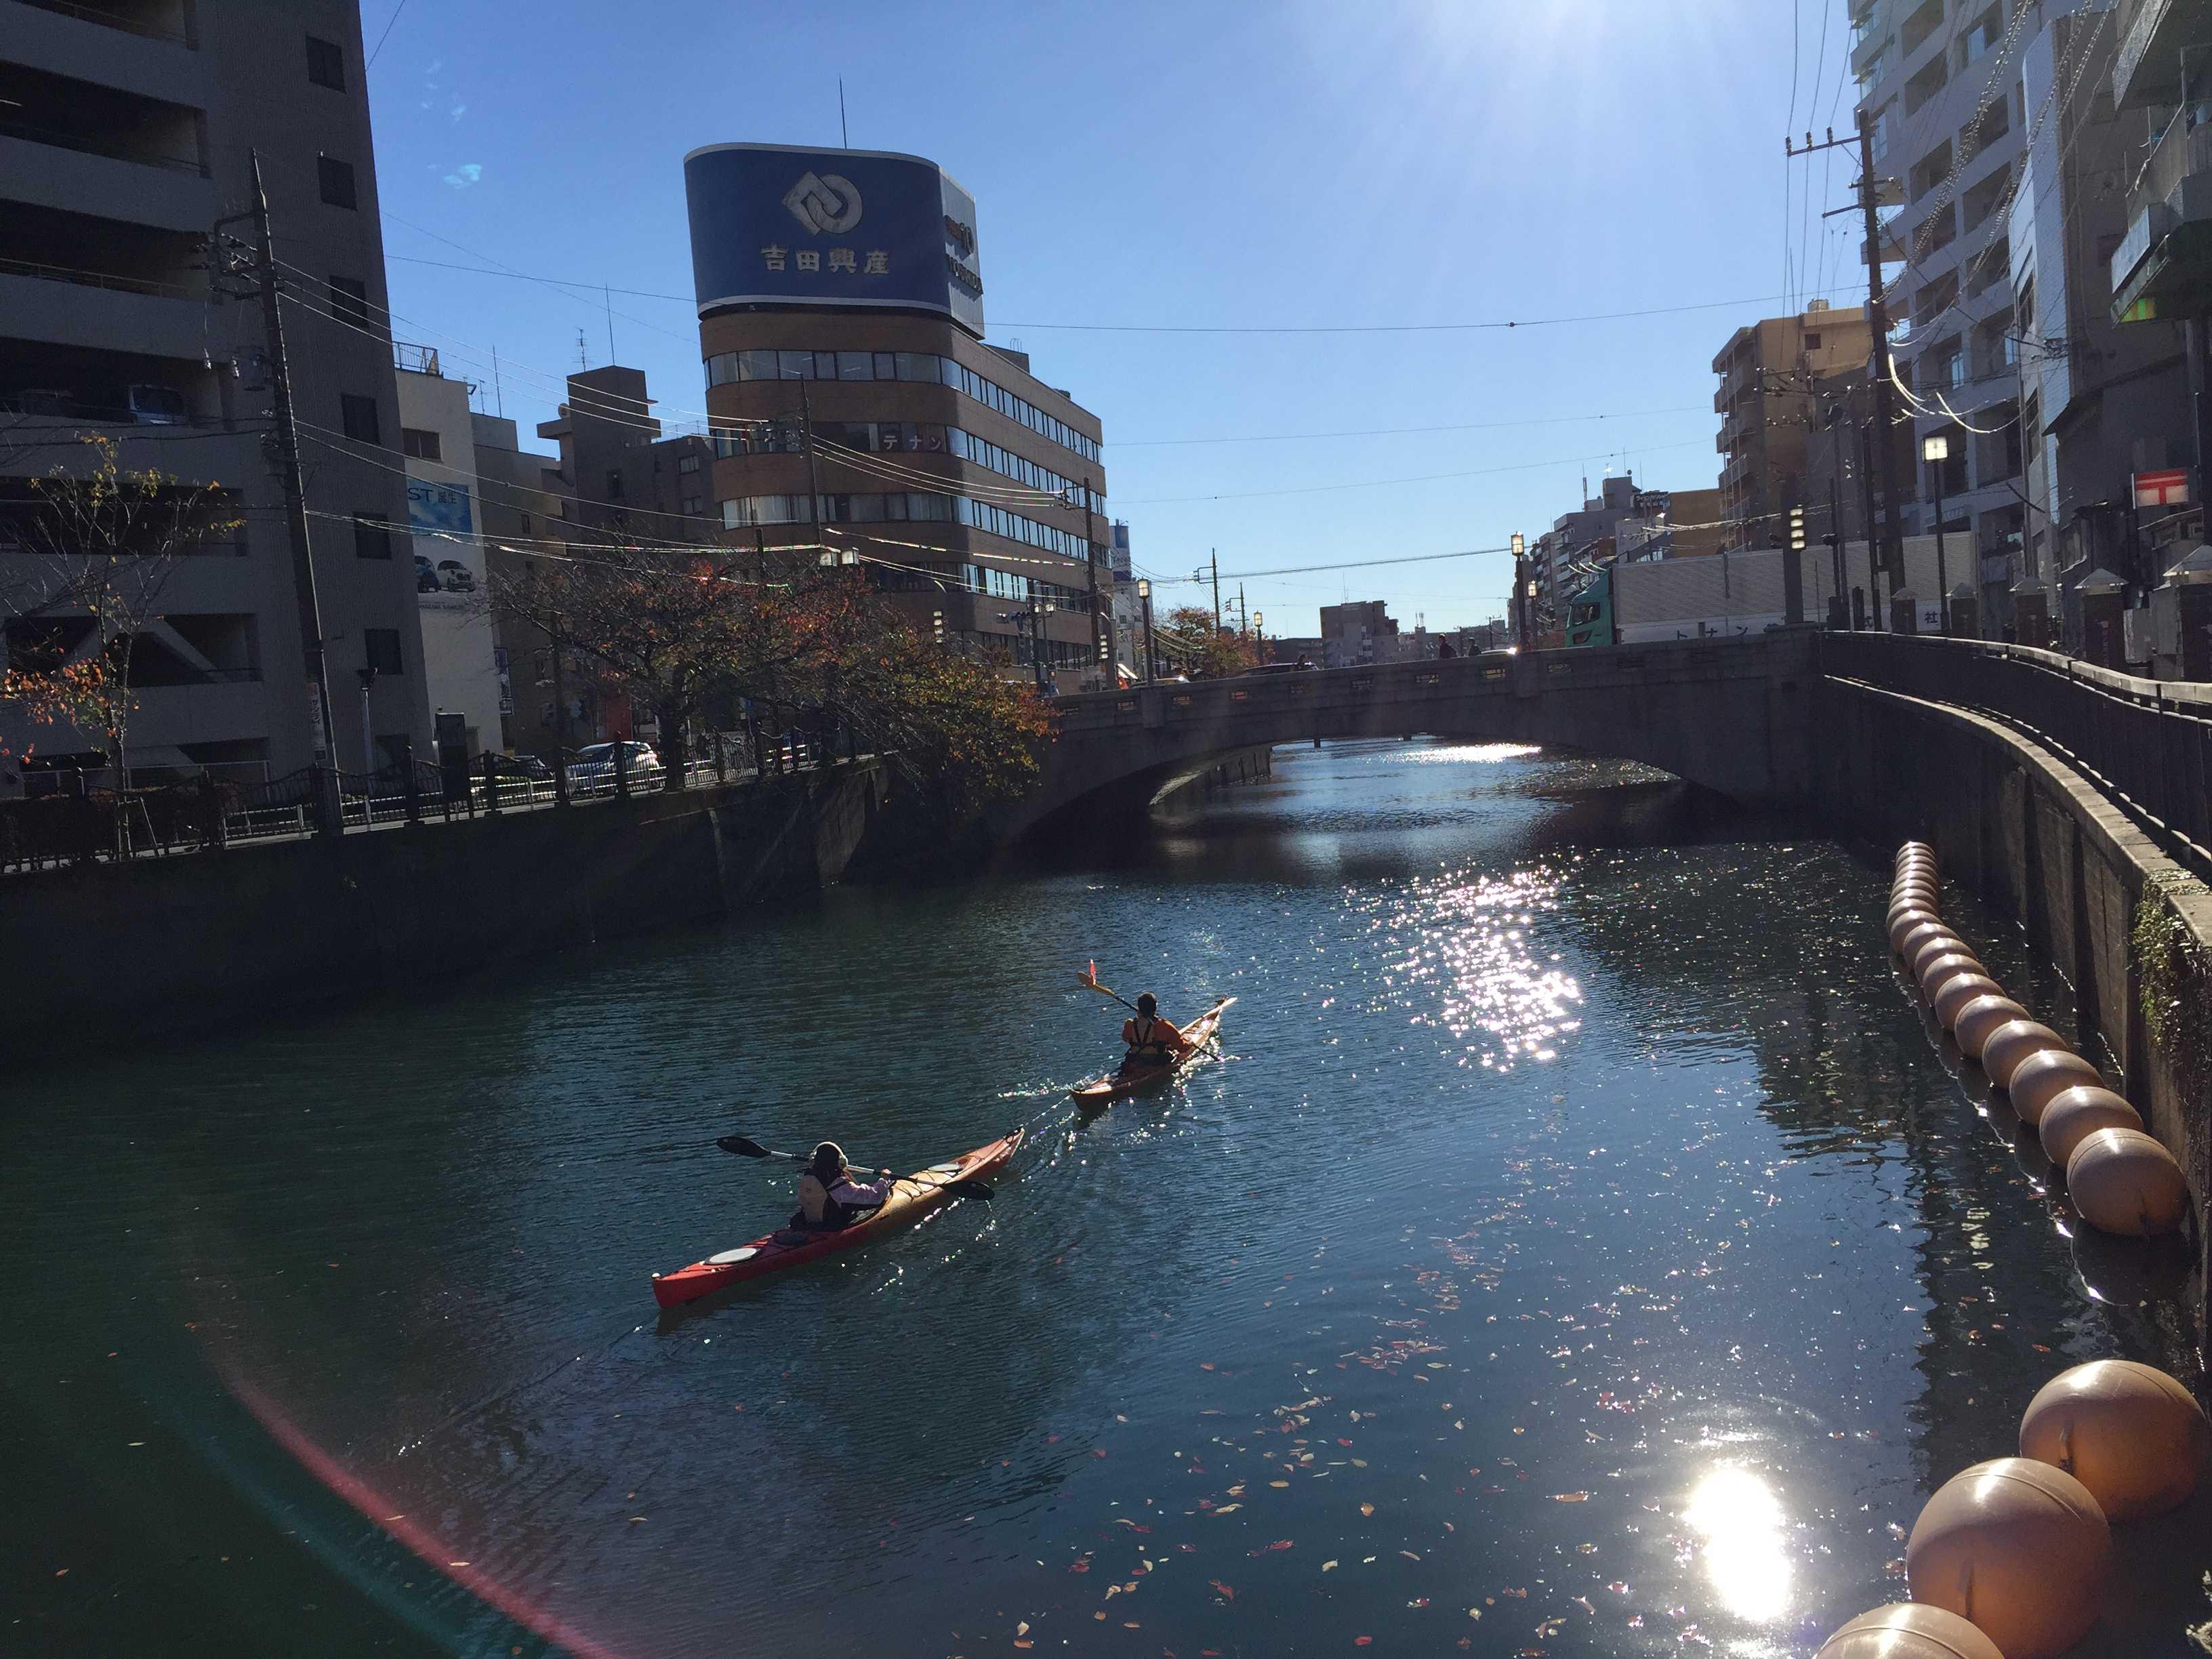 カヤック - 煌めく大岡川(横浜市)